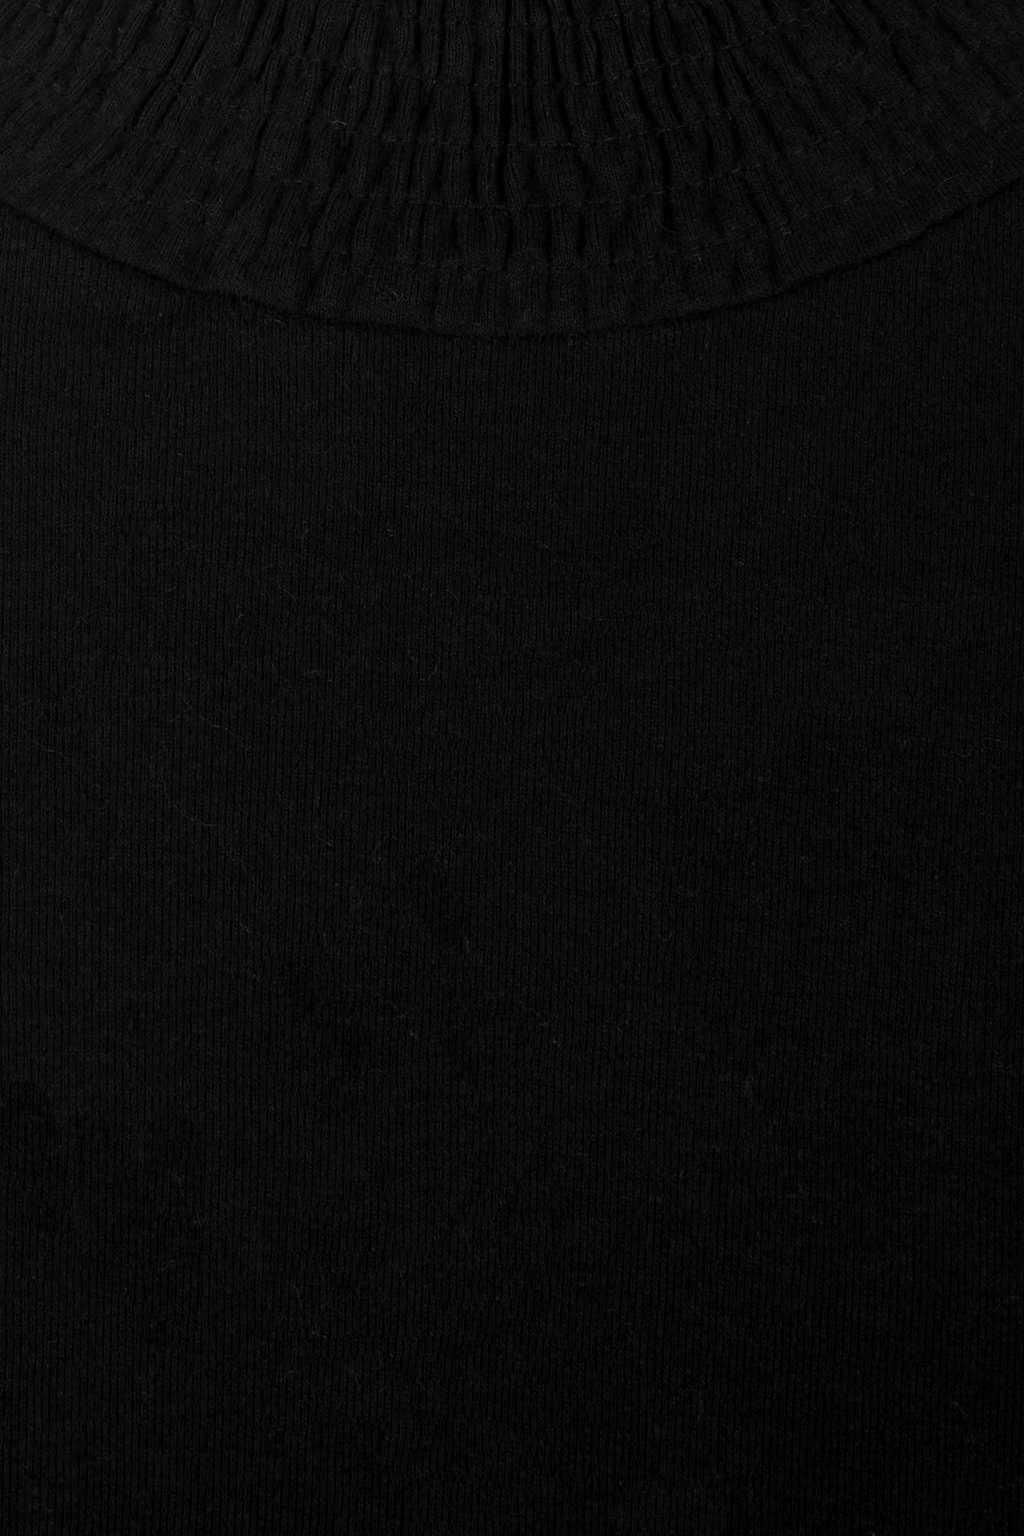 TShirt H461 Black 6